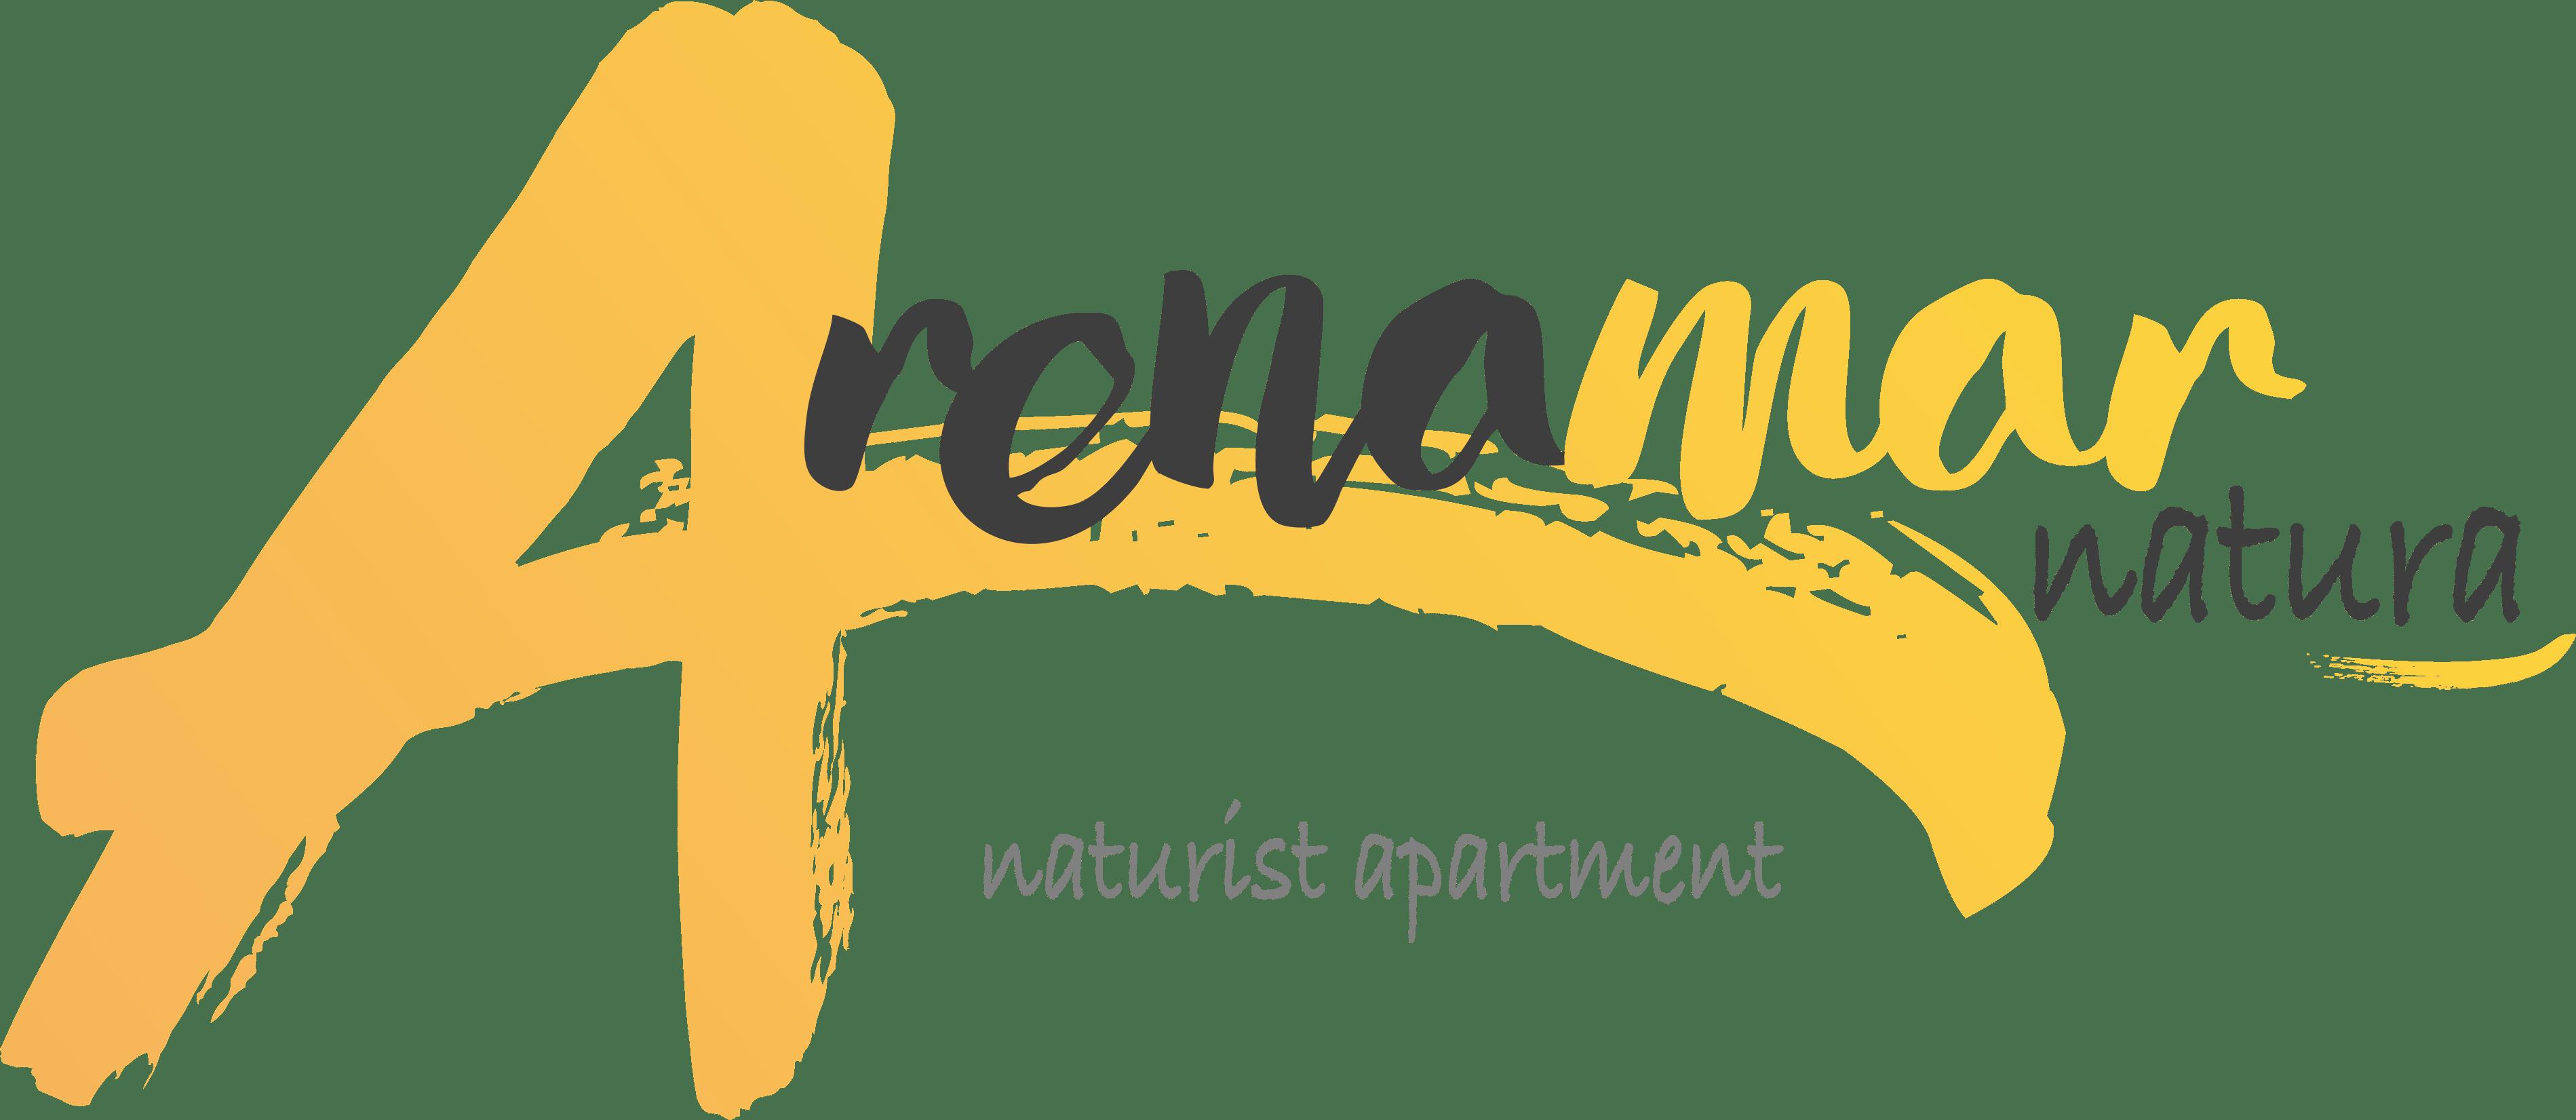 Arenamar Natura | Naturist apartment